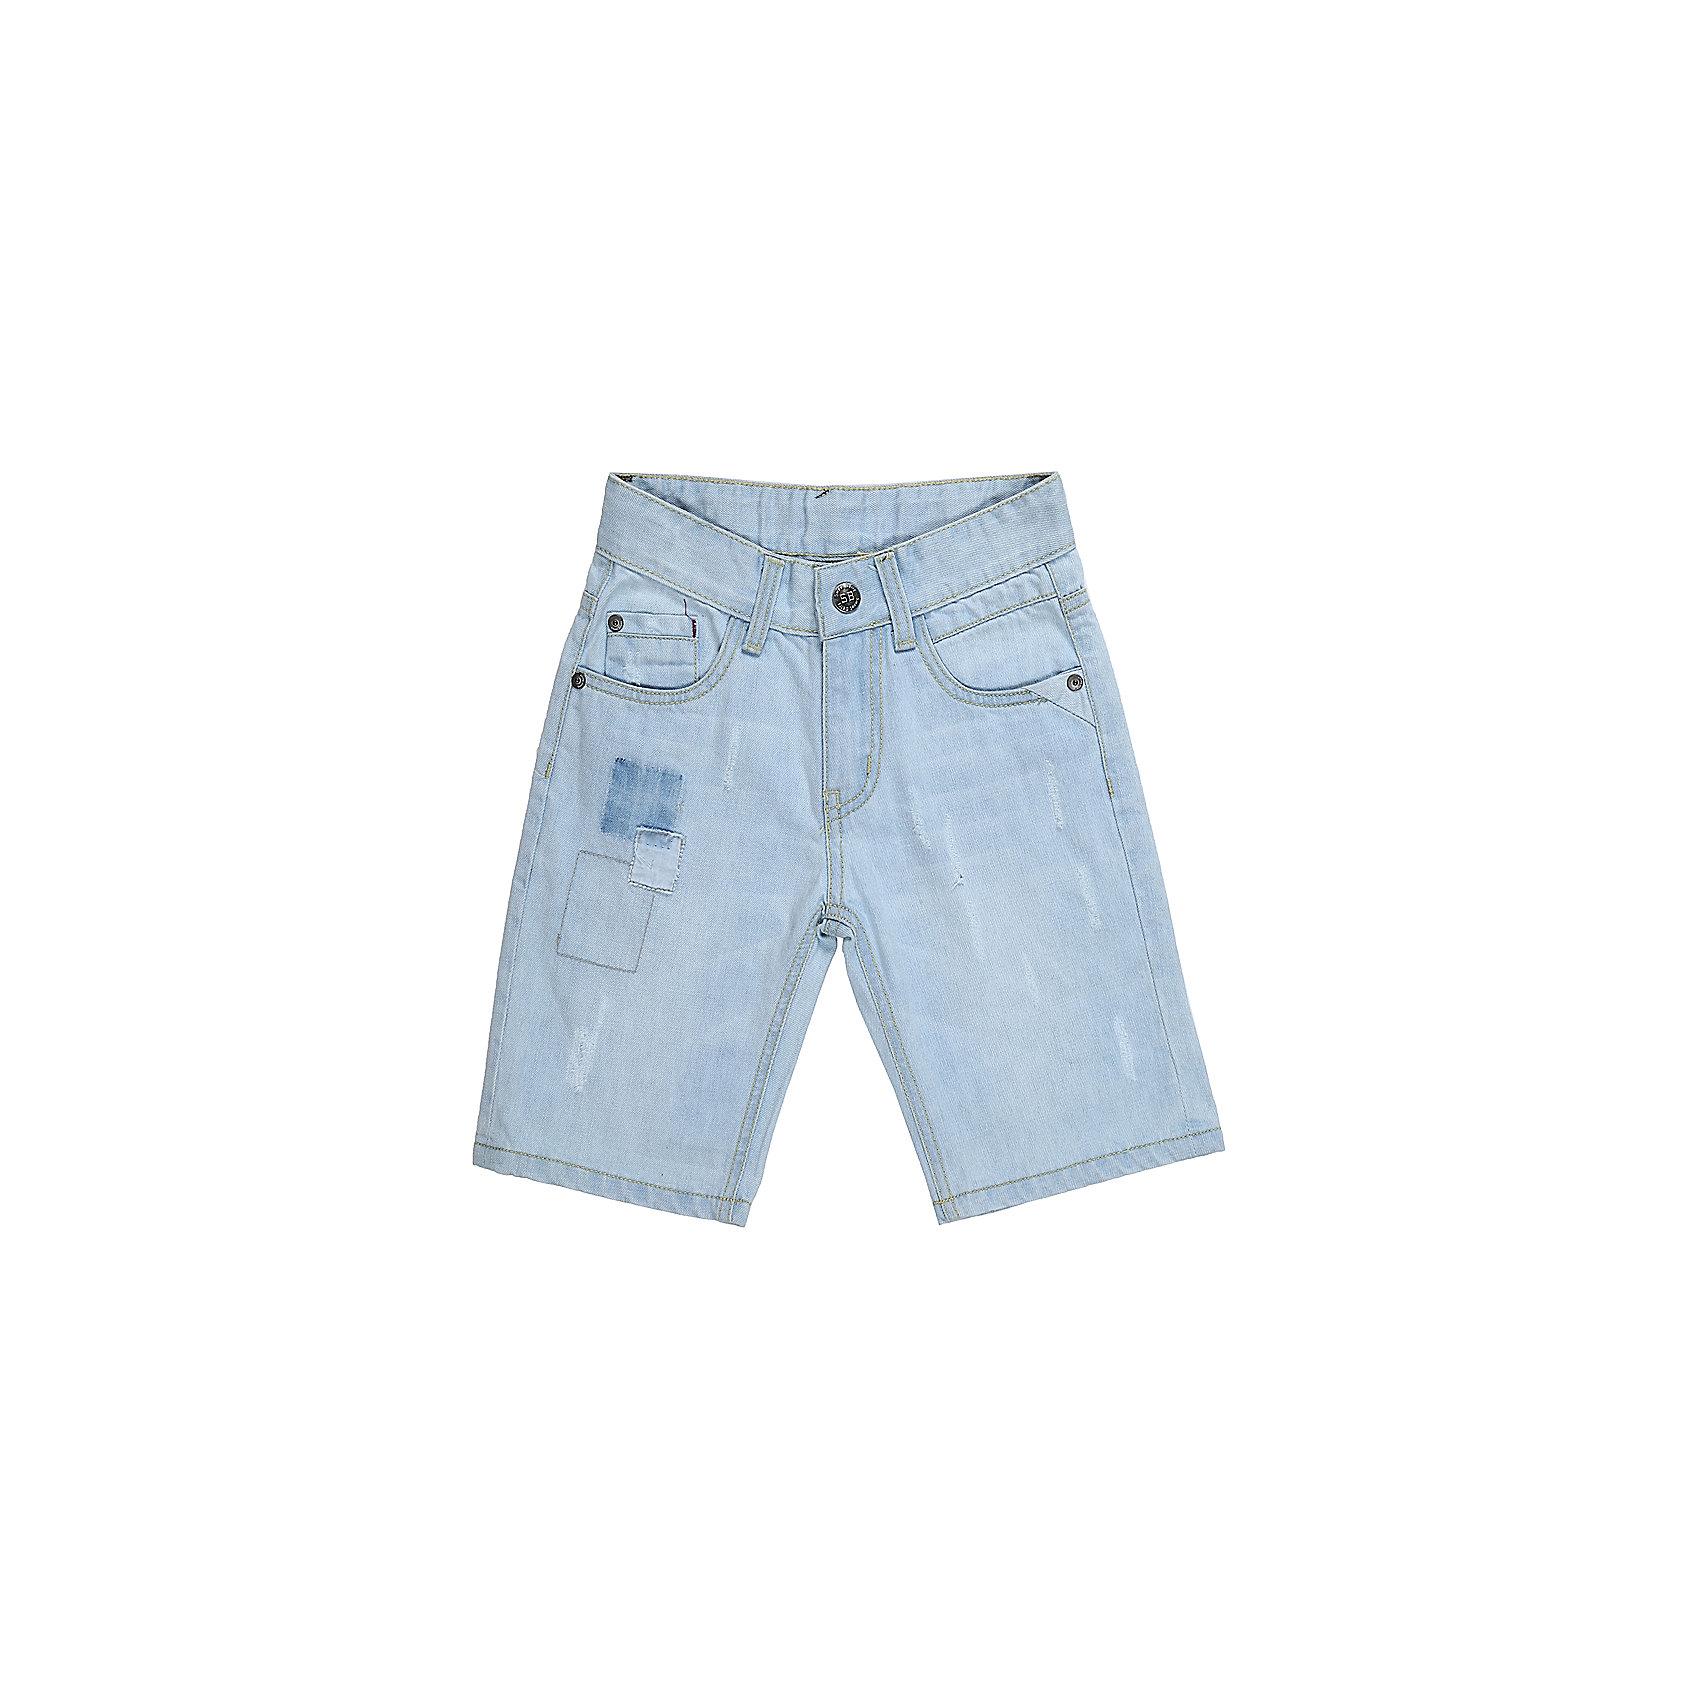 Шорты джинсовые для мальчика Sweet BerryДжинсовая одежда<br>Джинсовые шорты для мальчика. Застегиваются на молнию и пуговицу.   В боковой части пояса находятся вшитые эластичные ленты, регулирующие посадку по талии.<br>Состав:<br>100%хлопок<br><br>Ширина мм: 191<br>Глубина мм: 10<br>Высота мм: 175<br>Вес г: 273<br>Цвет: голубой<br>Возраст от месяцев: 36<br>Возраст до месяцев: 48<br>Пол: Мужской<br>Возраст: Детский<br>Размер: 104,116,122,128,98,110<br>SKU: 5410201